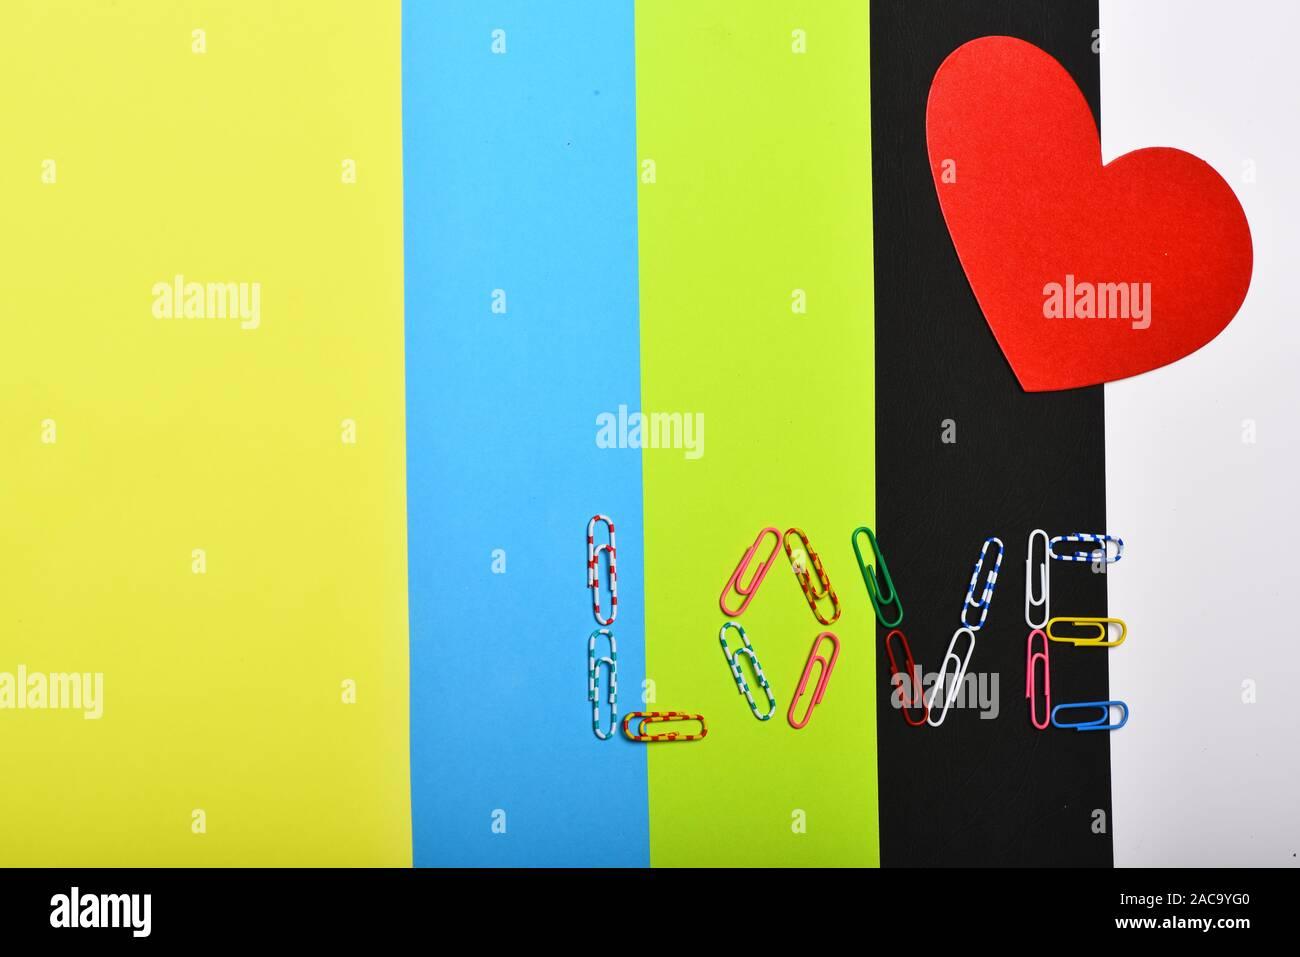 Coeur de papier rouge sur fond coloré, vue du dessus. L'amour et des relations concept. Valentines Day card with copy space. Trombones colorés formant mot amour. Banque D'Images